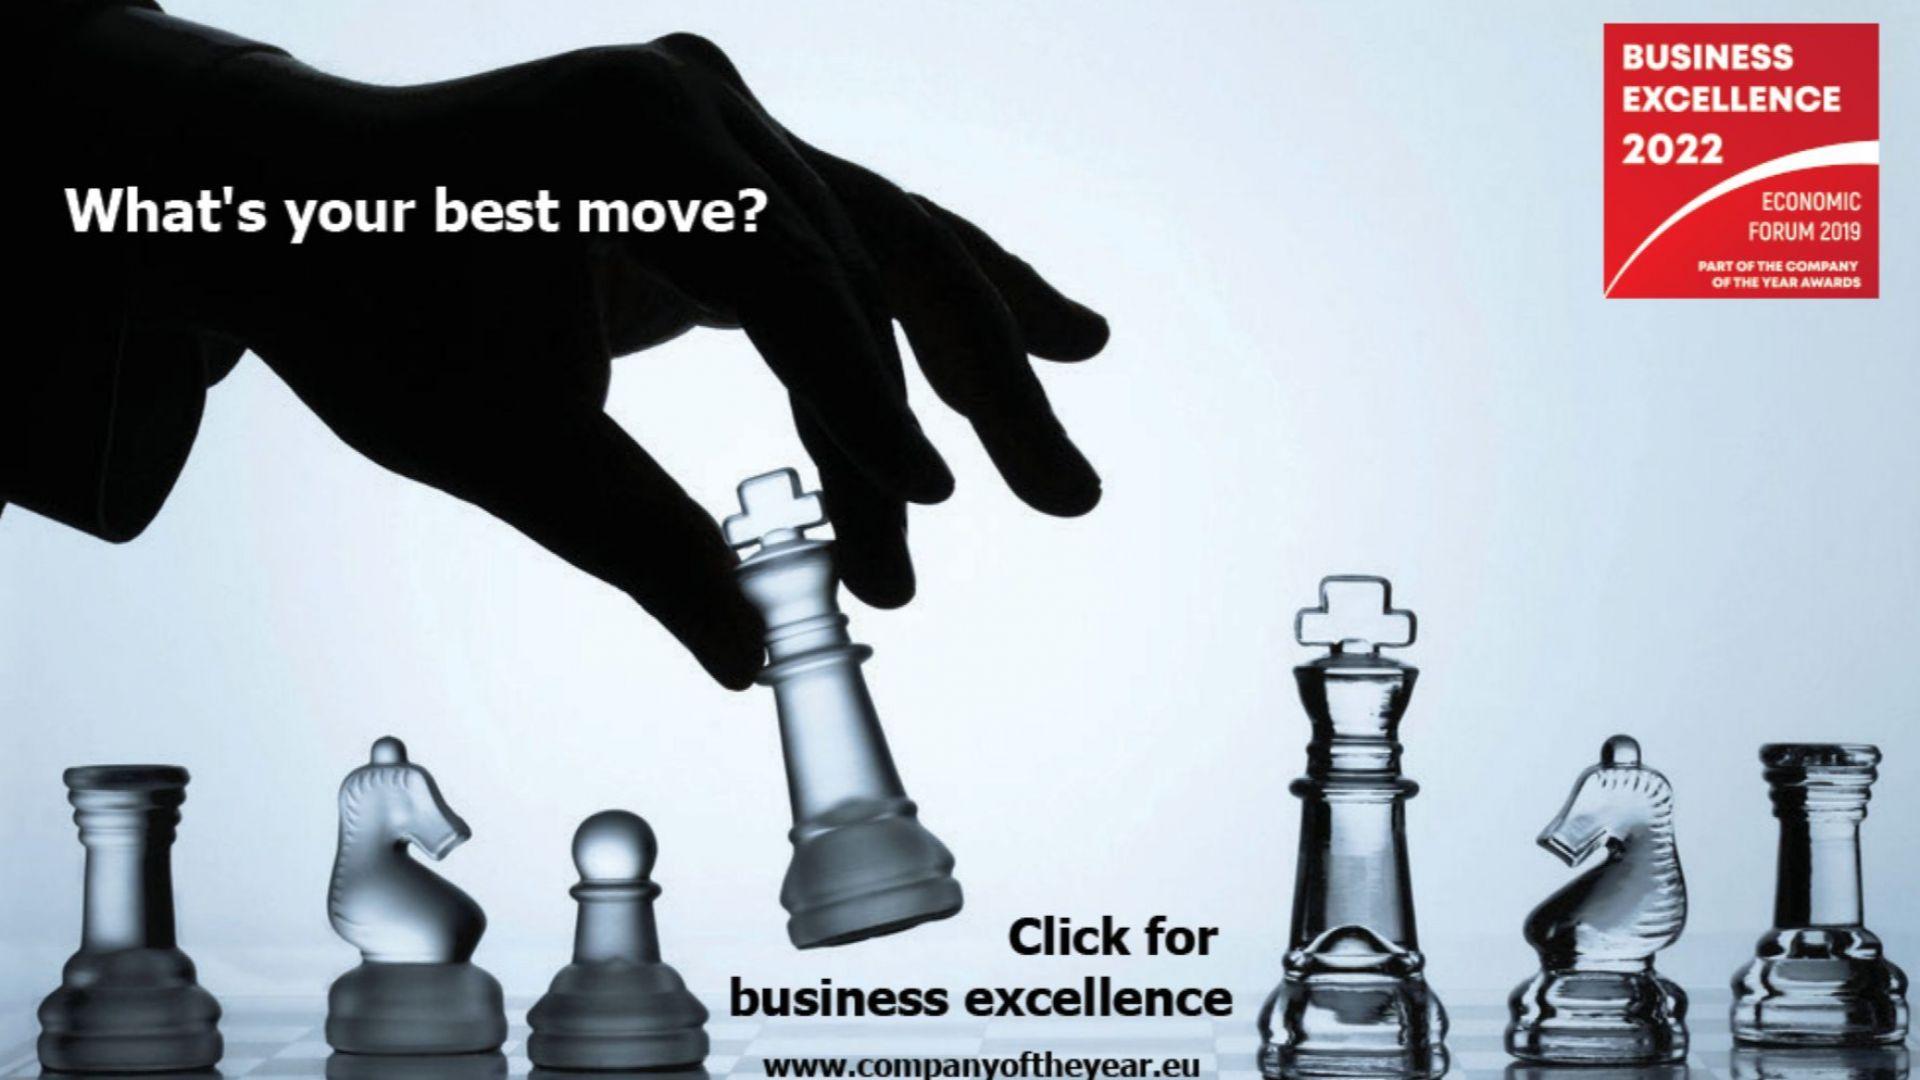 Вдъхновяващи истории от водещи световни бизнес експерти